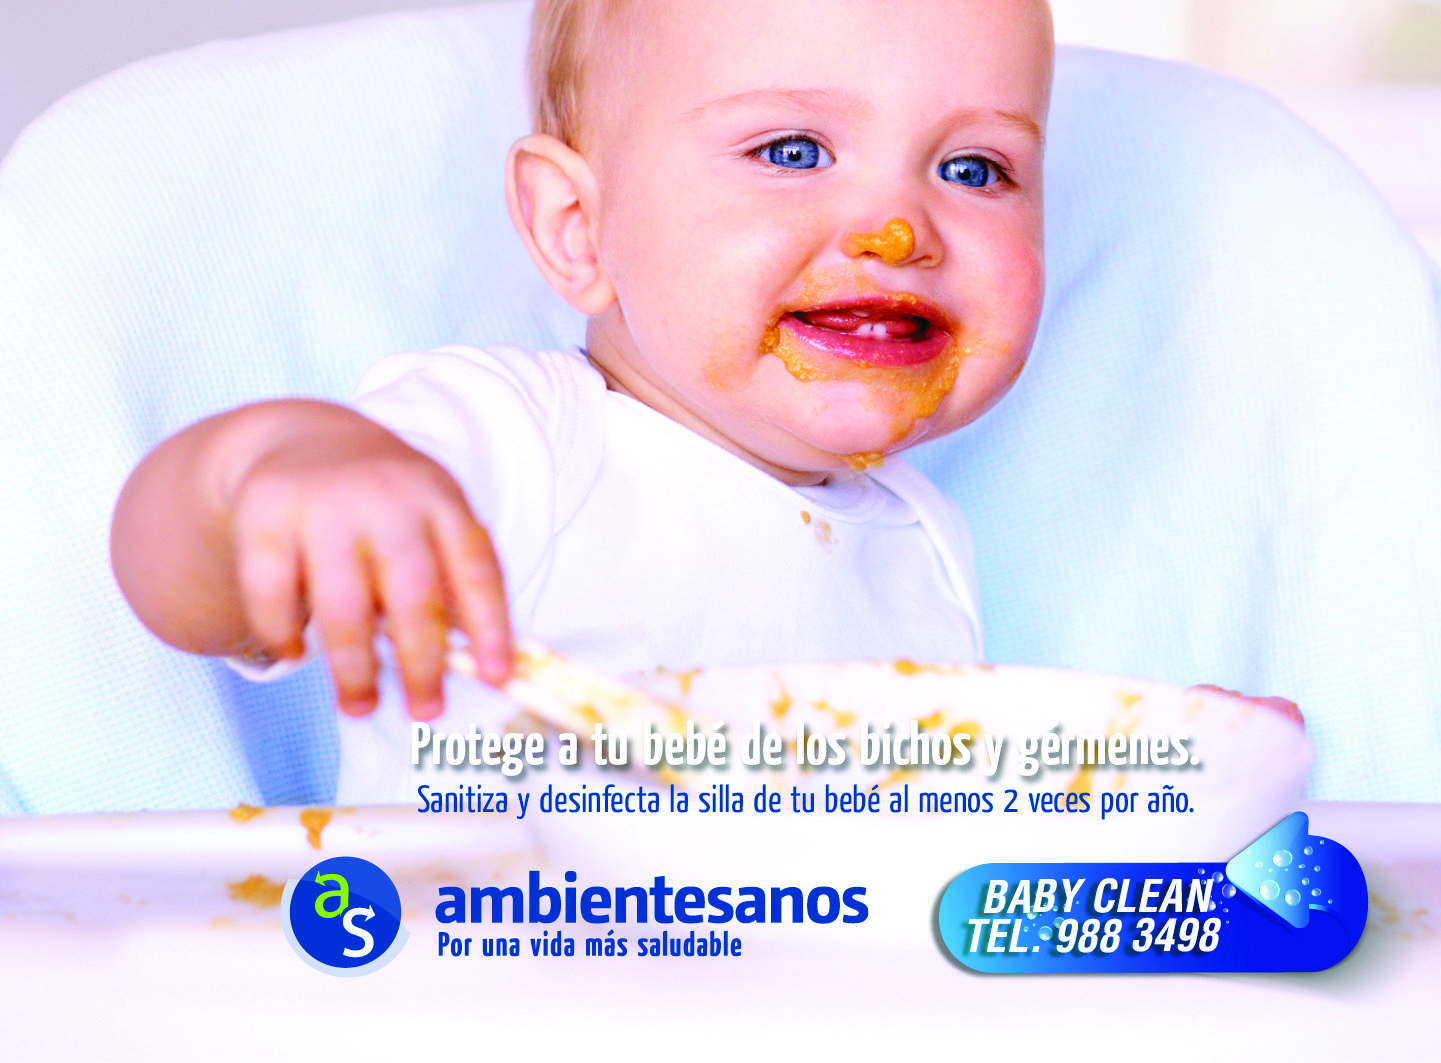 Los muebles para el bebe como portabebe, carreola y cuna, no solo ...